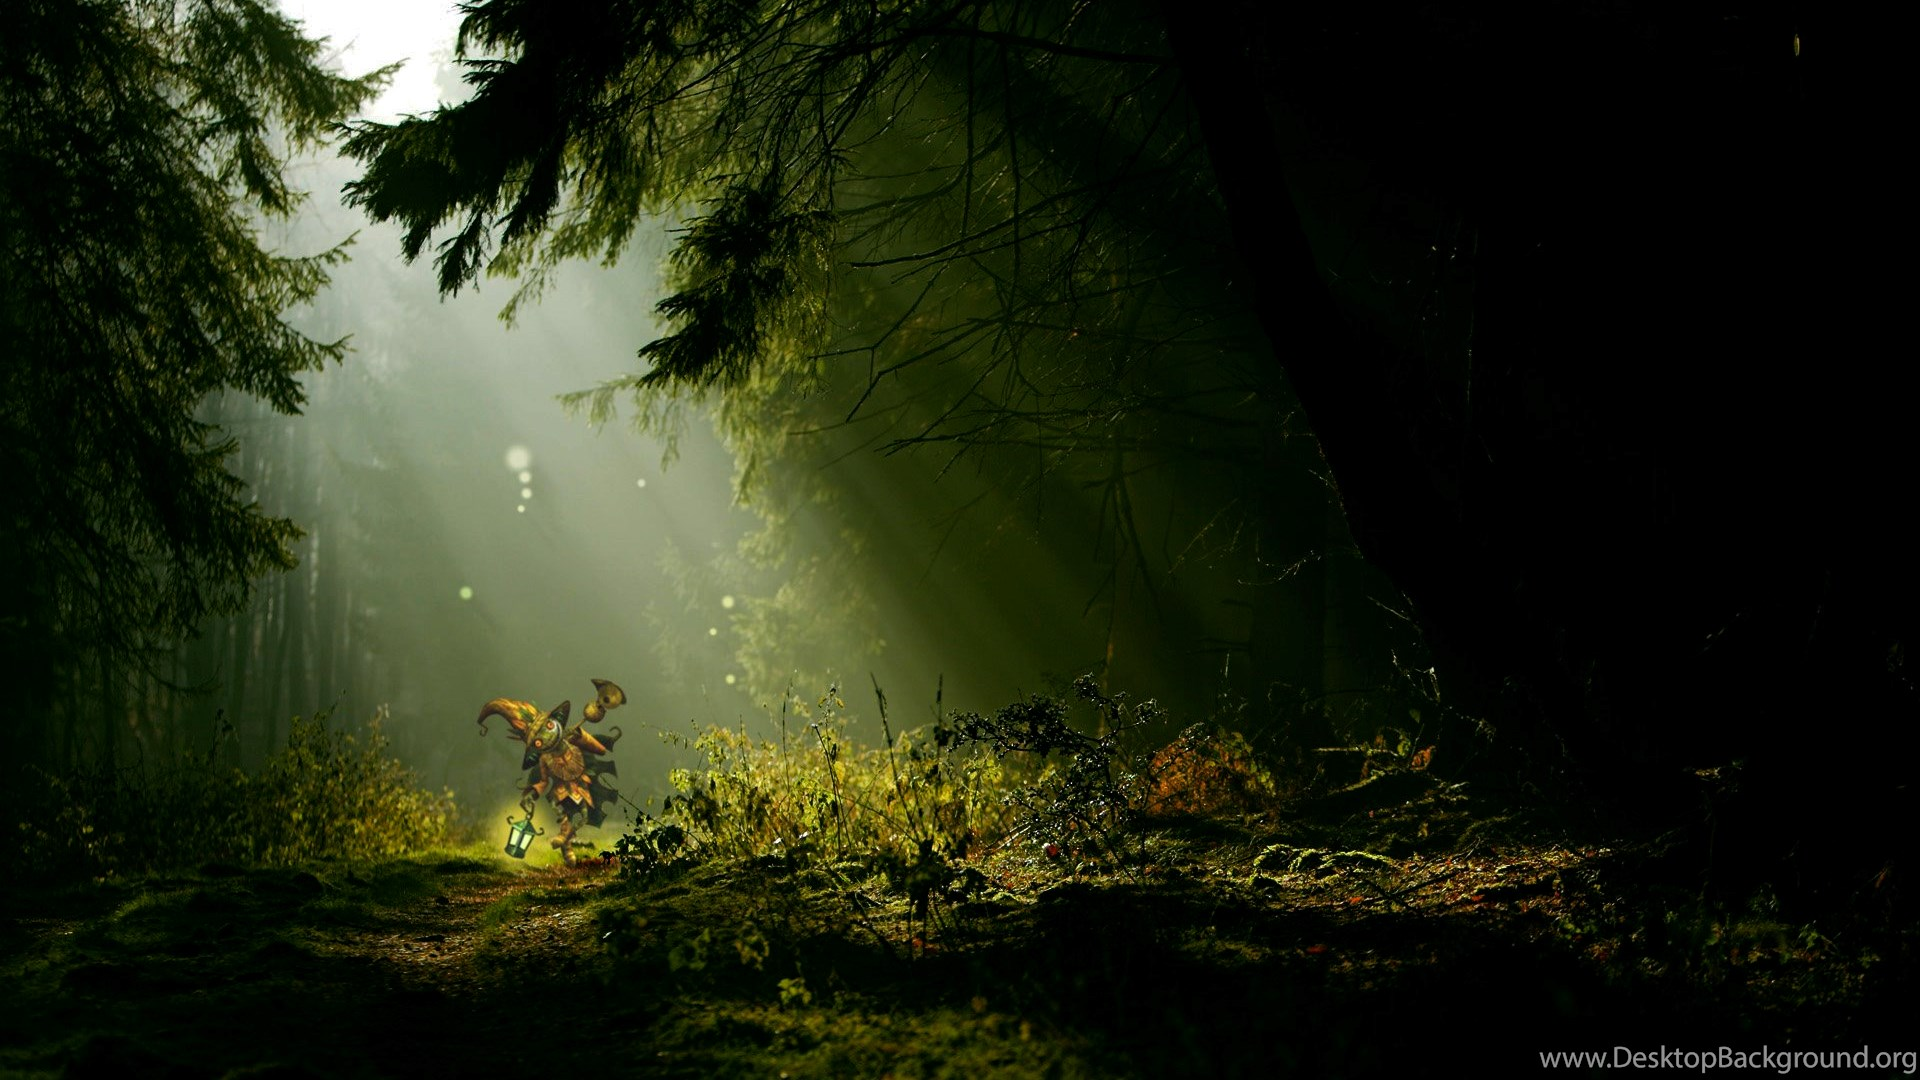 Night Forest Animals Desktop Background